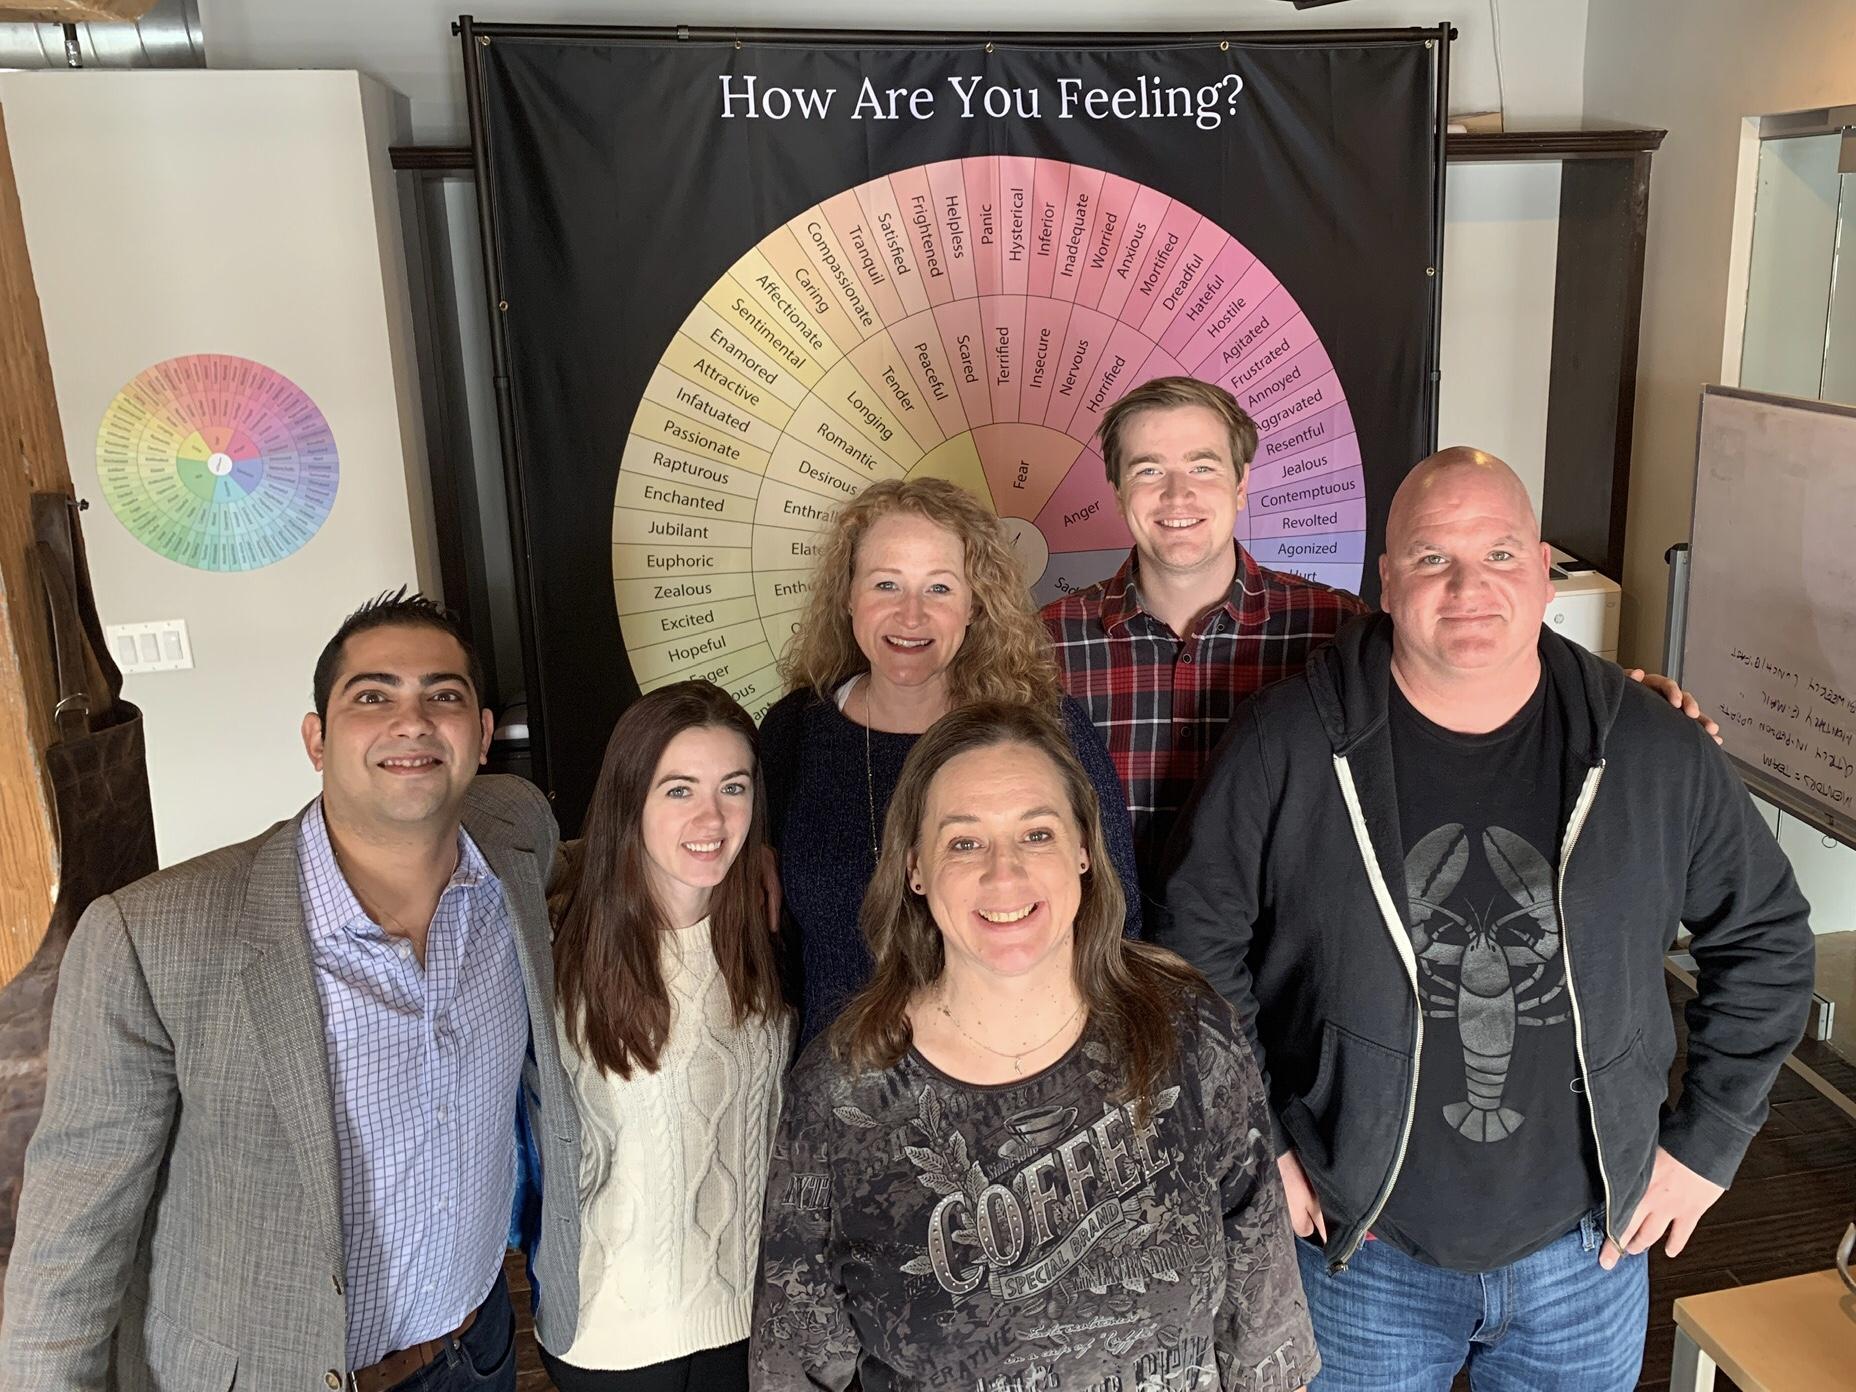 Emotional Intelligence for Leaders Workshop Photo